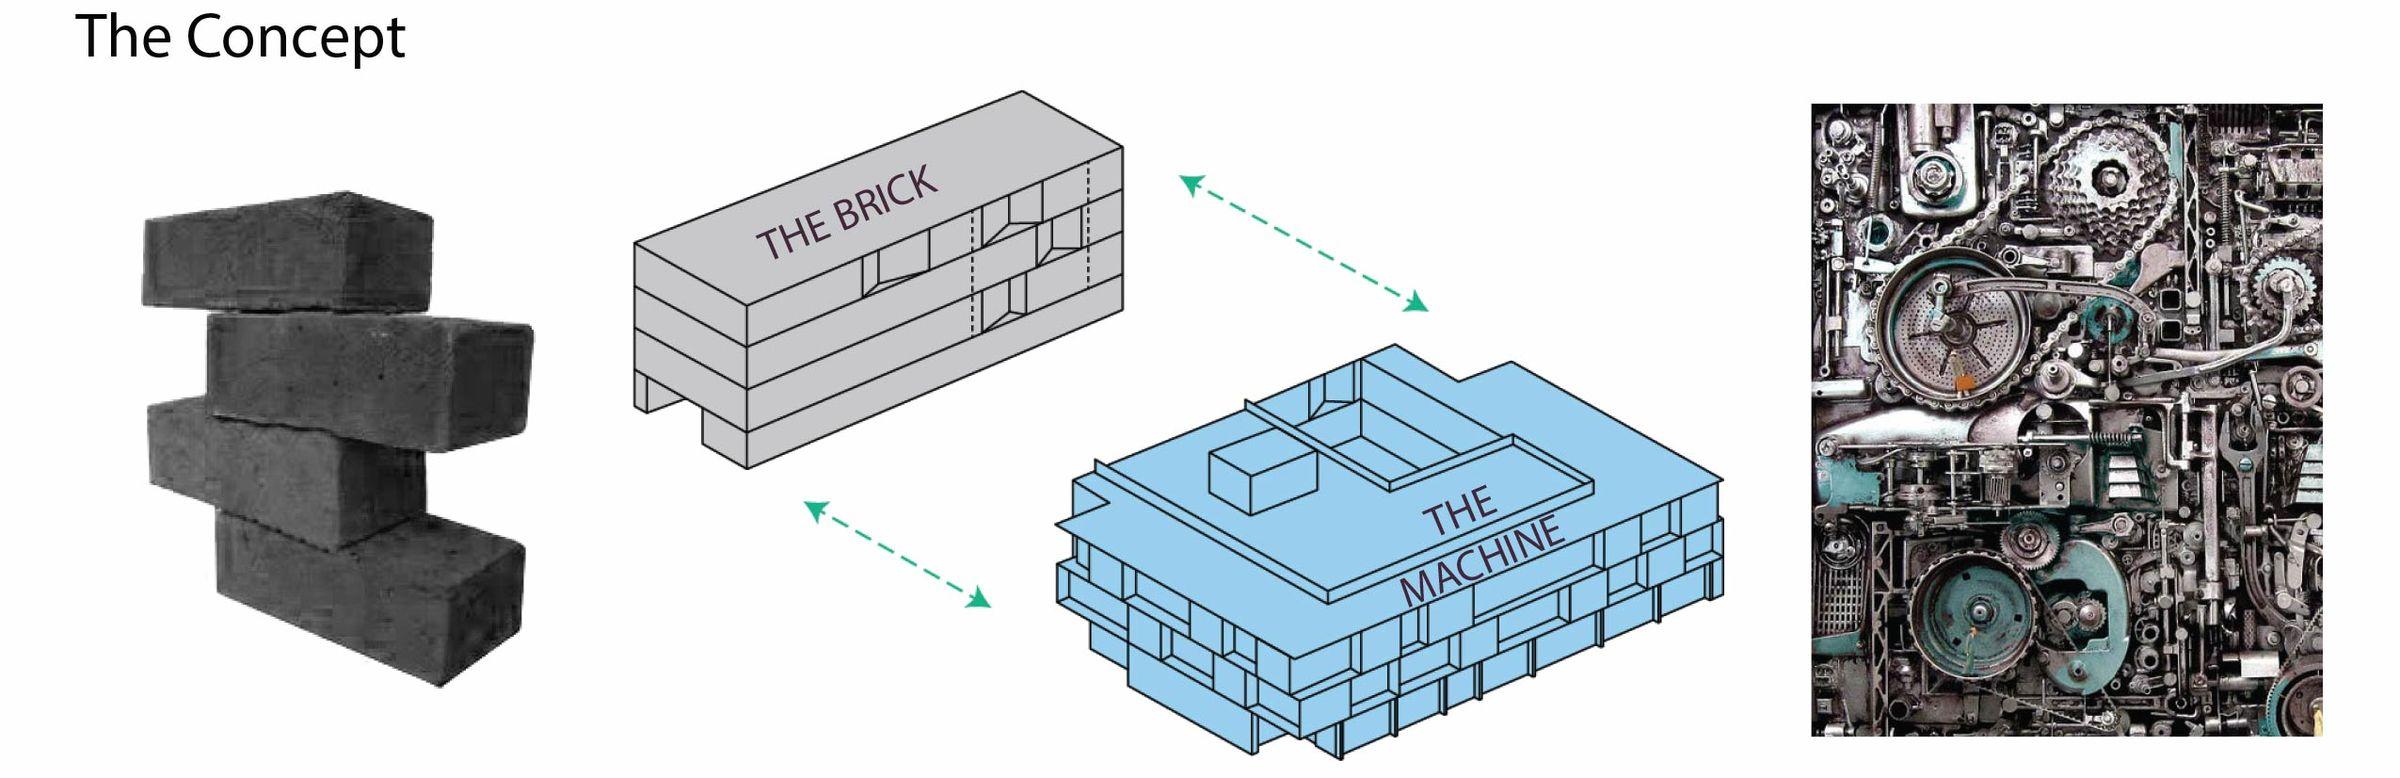 Brick-&-Machine-Website-Layout-2017-CW_03.jpg